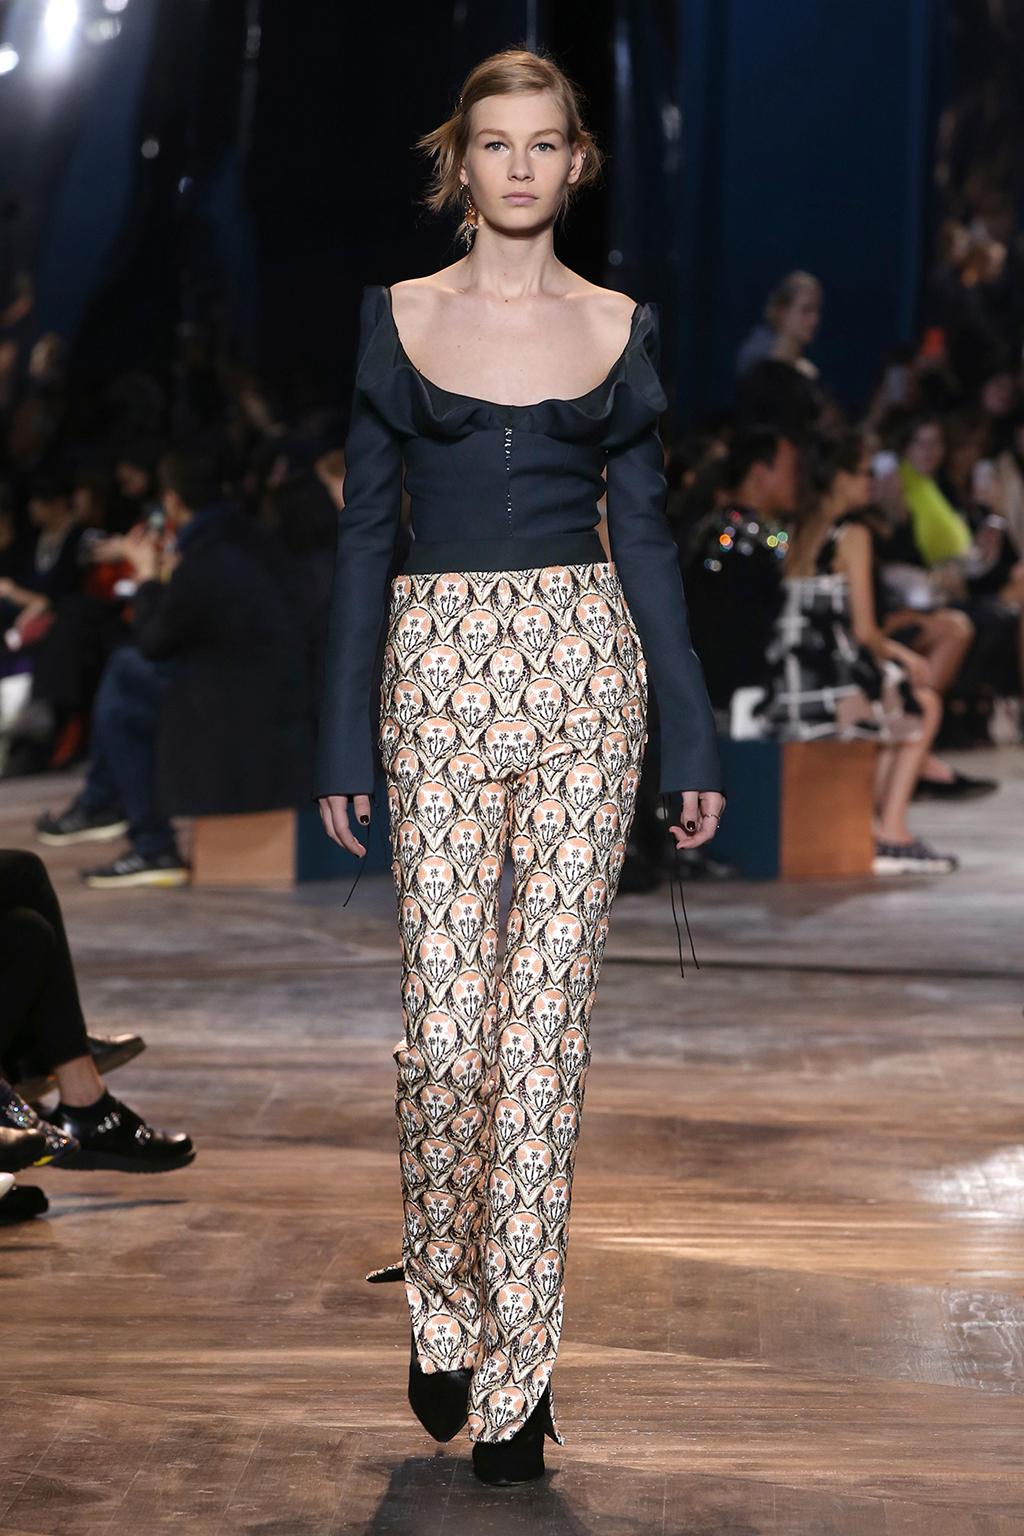 Dior-Couture-Silhouette-13